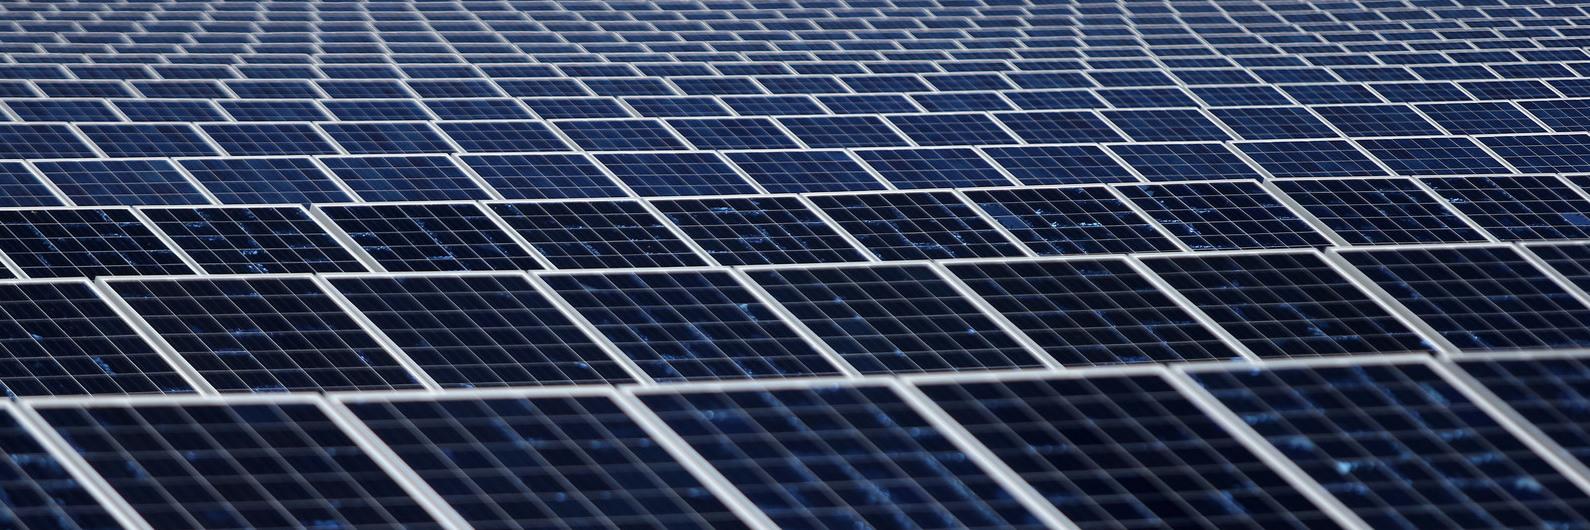 Novas centrais de energia fotovoltaica vão duplicar capacidade solar do país